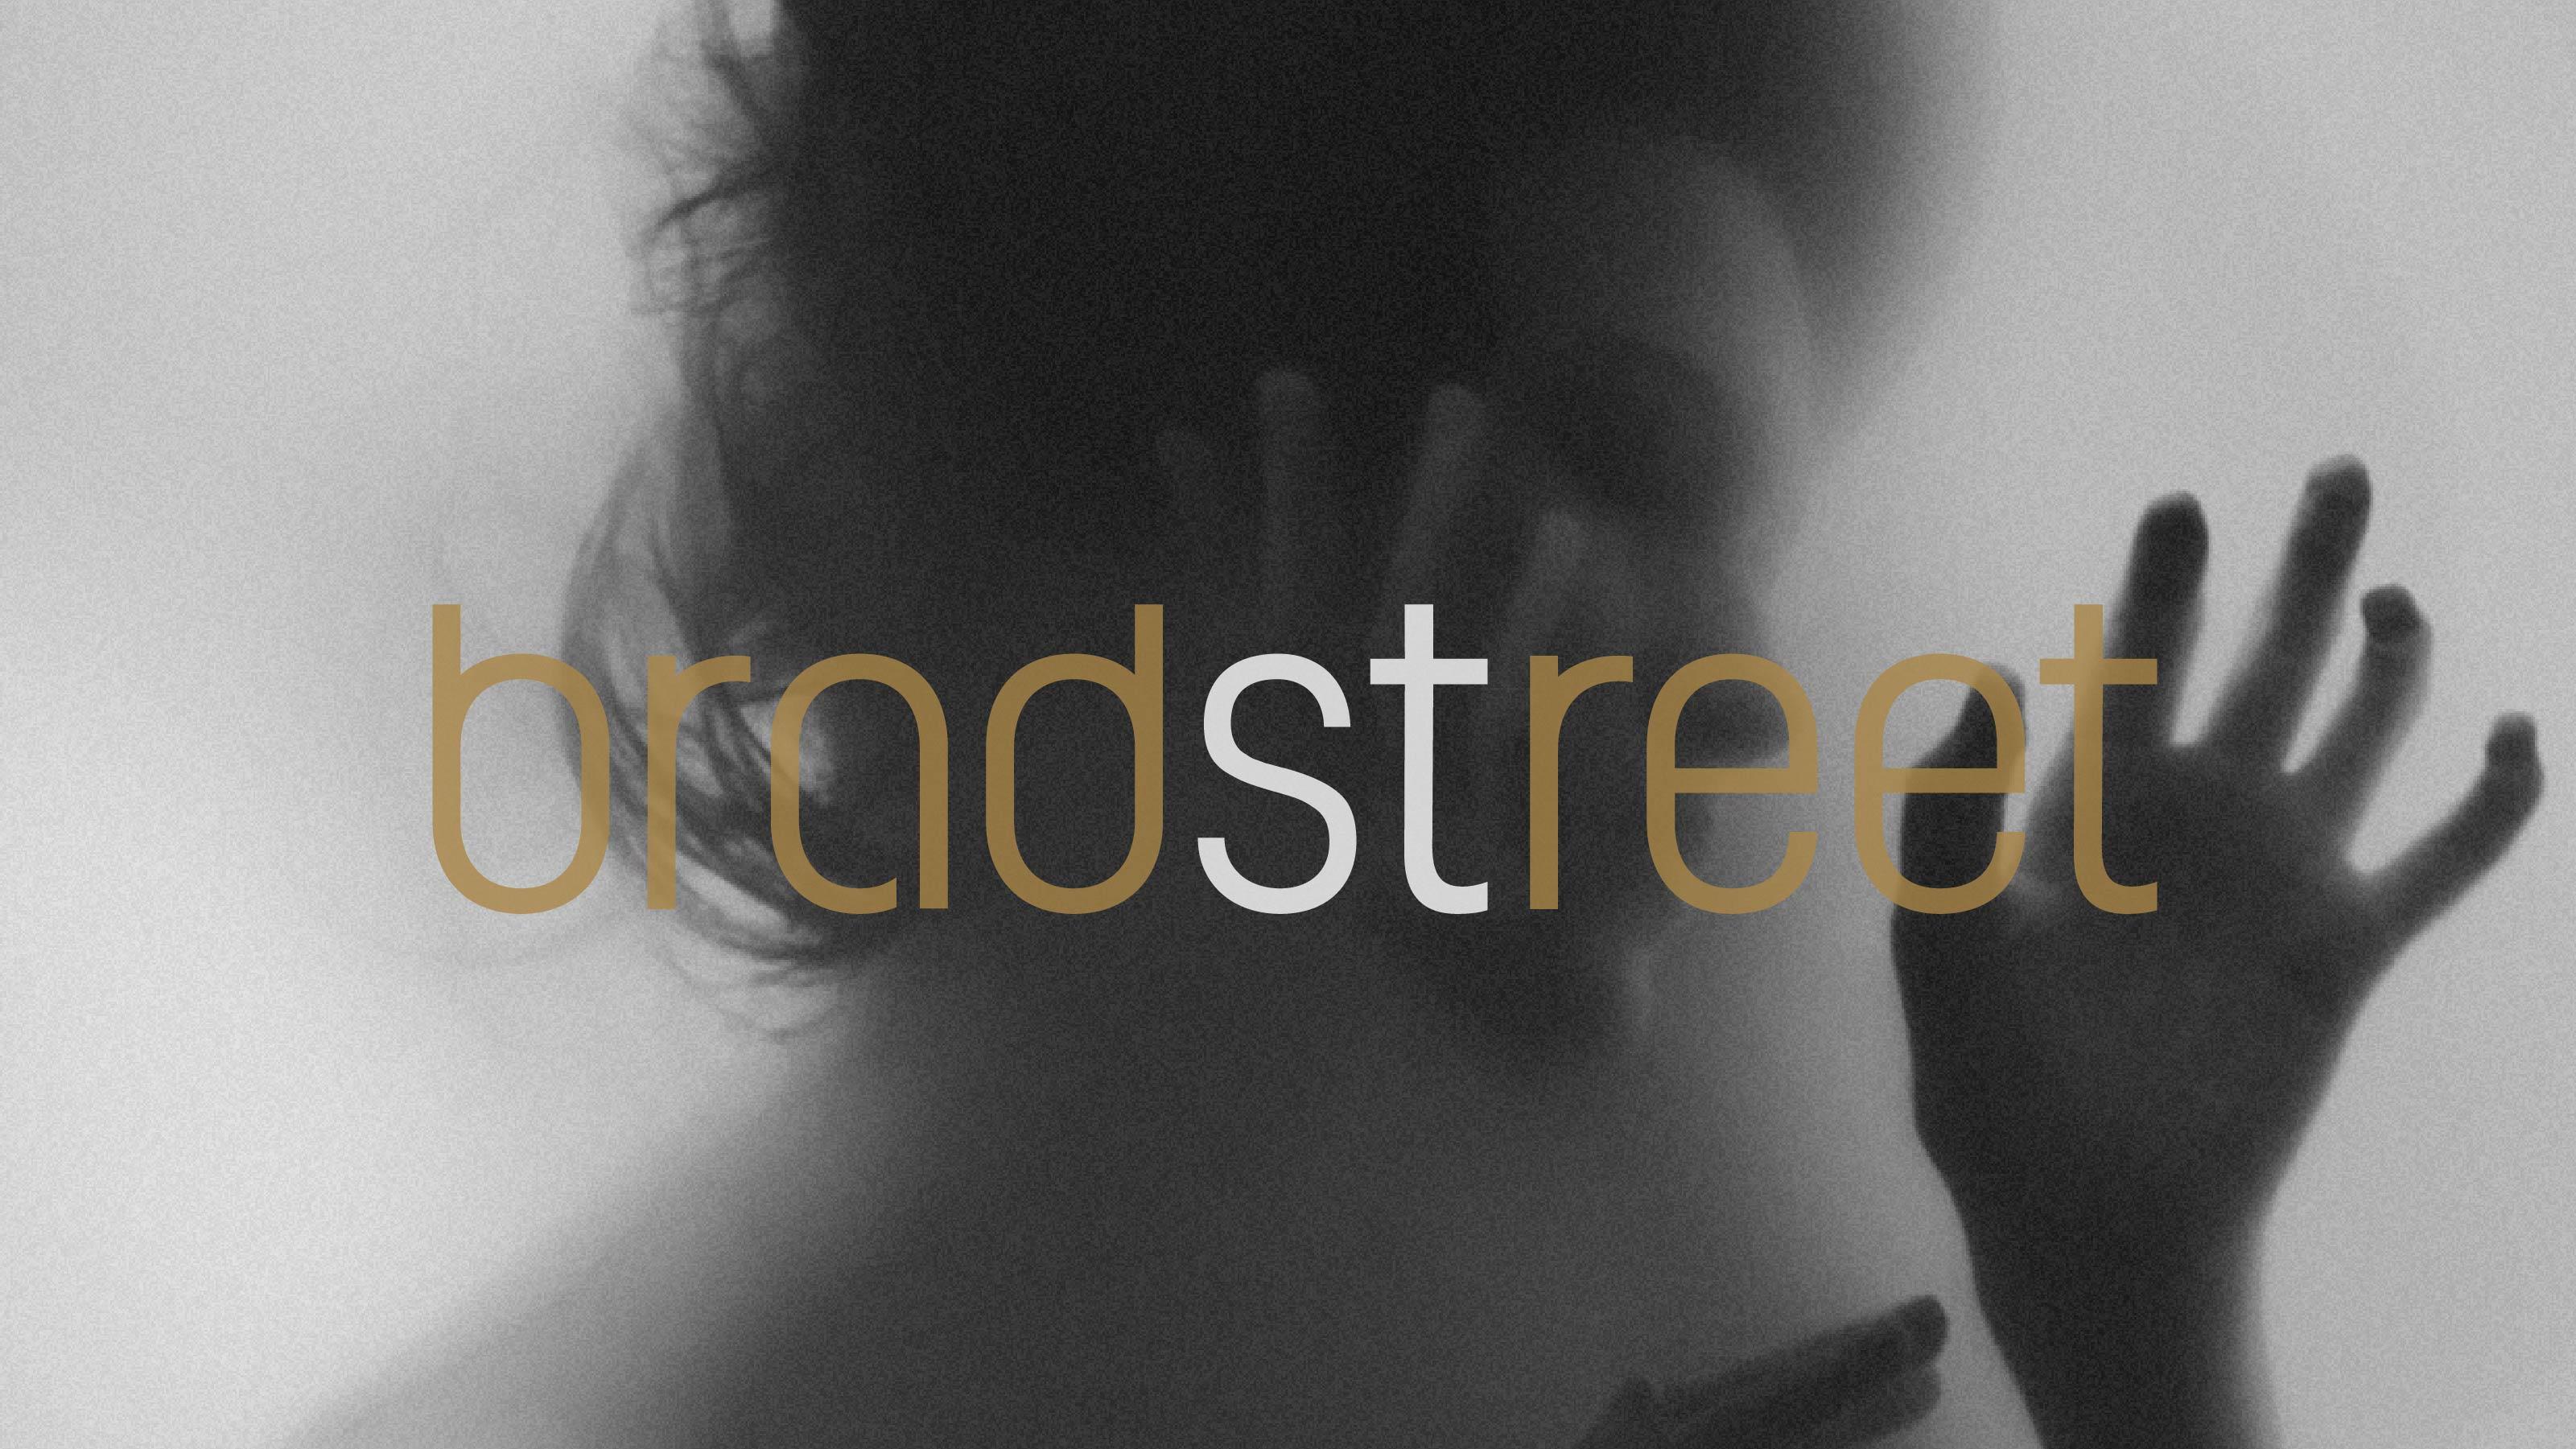 Bradstreet_Nue-05